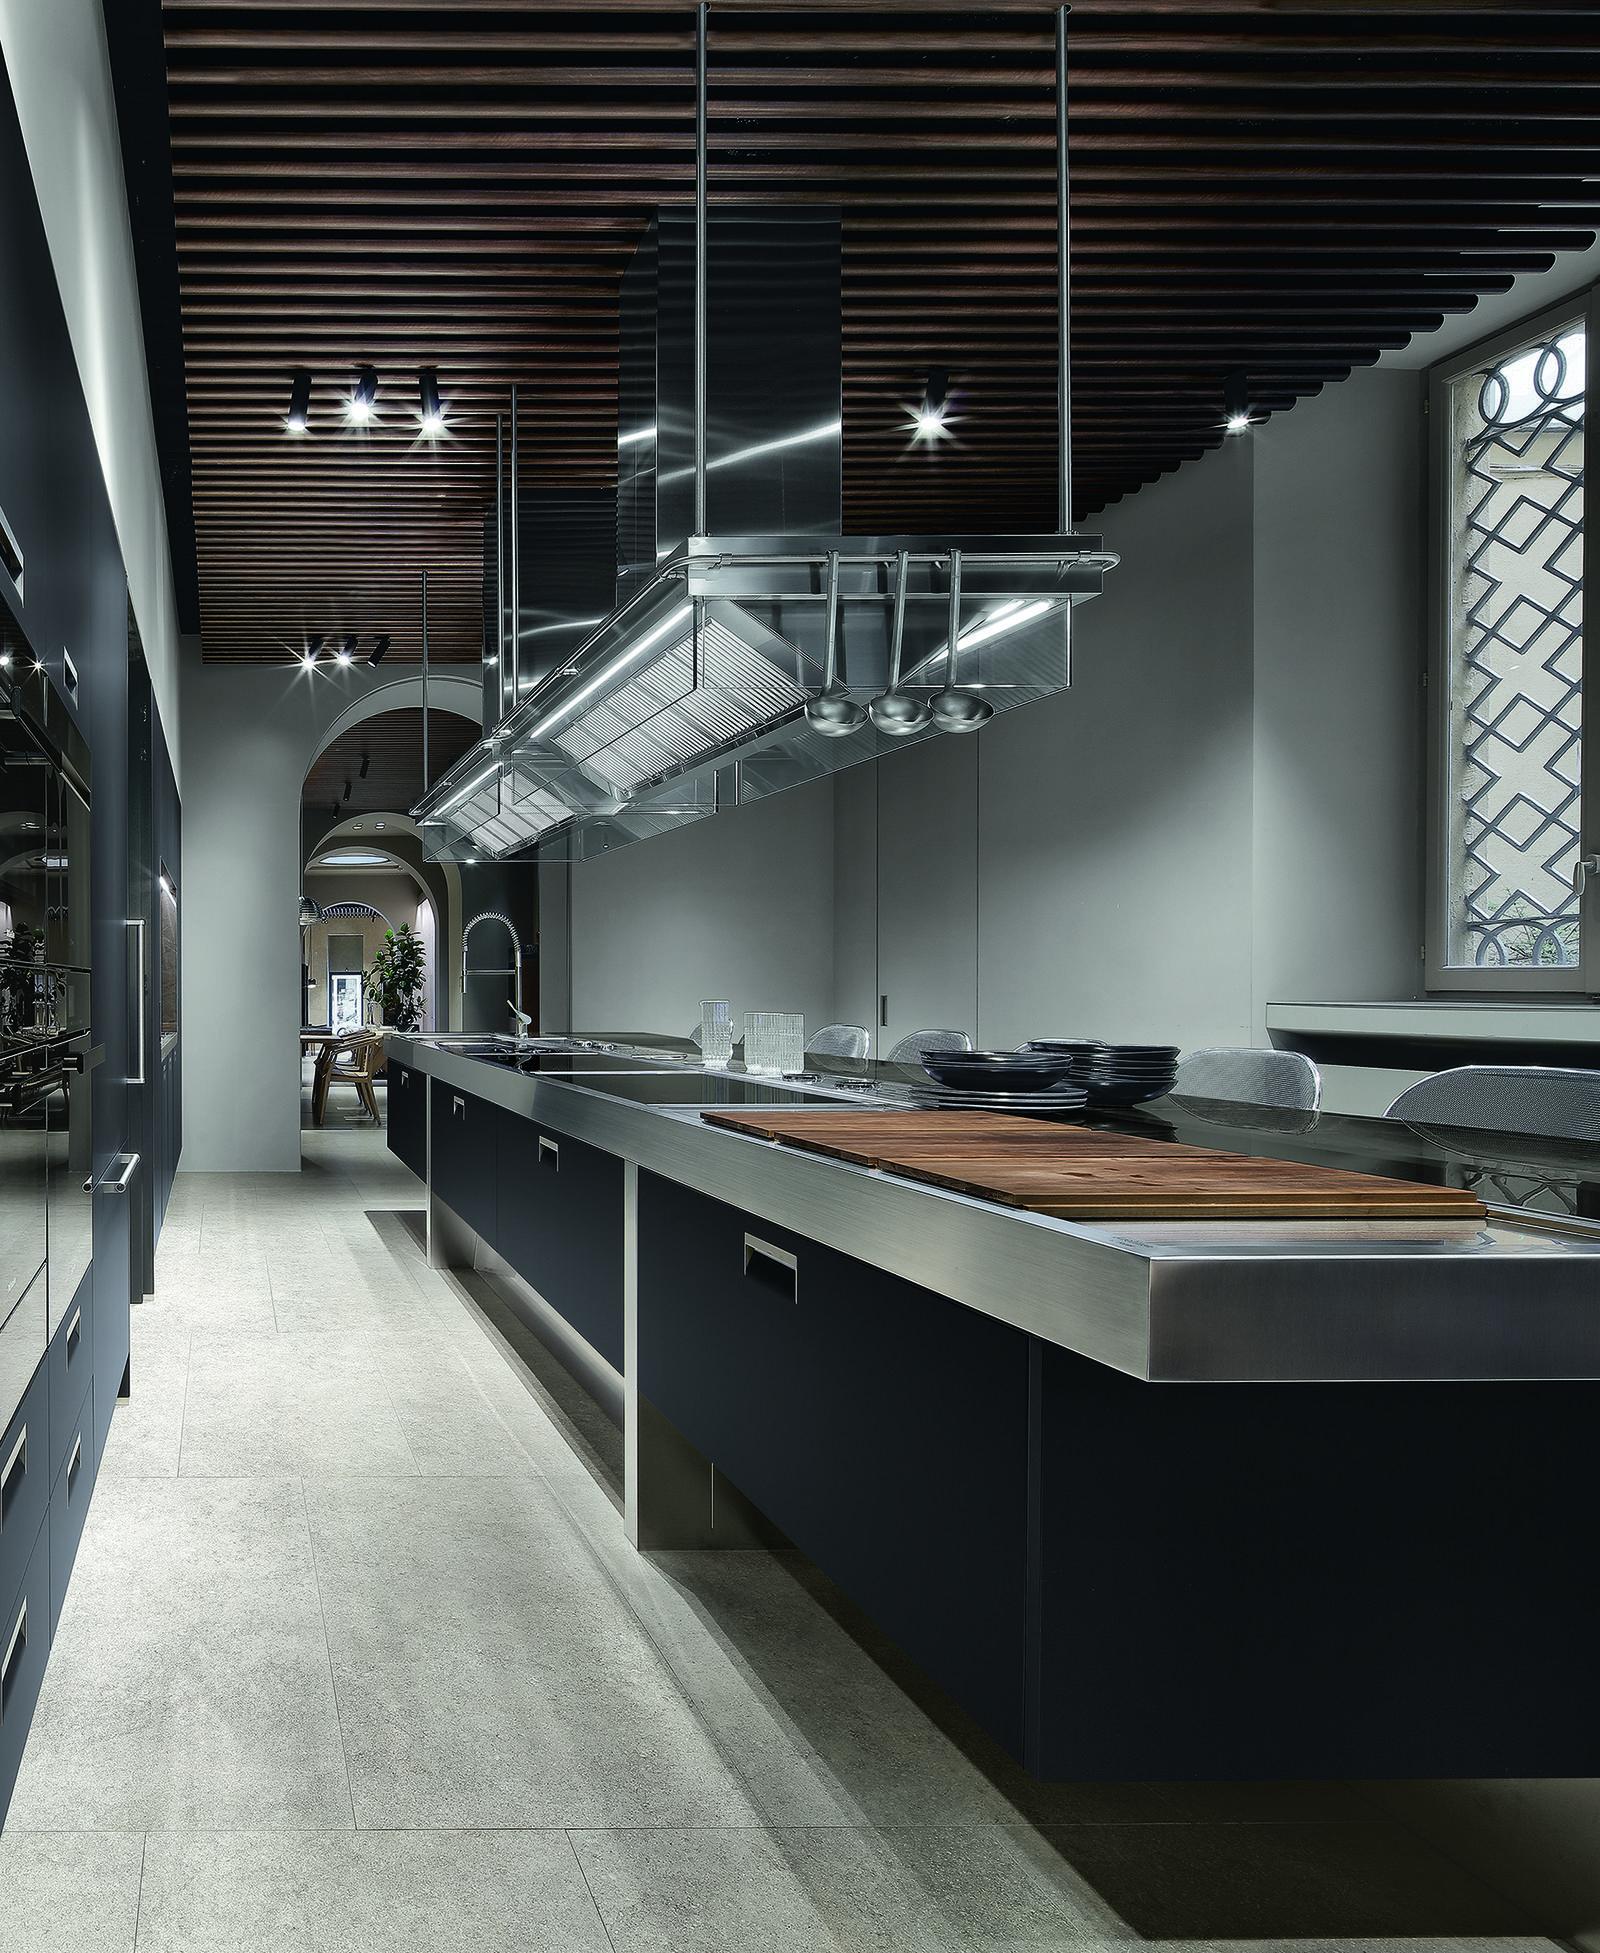 8 Tendenze Che Stanno Trasformando La Cucina Progetti Di Cucine Stile Cucina Design Appartamenti